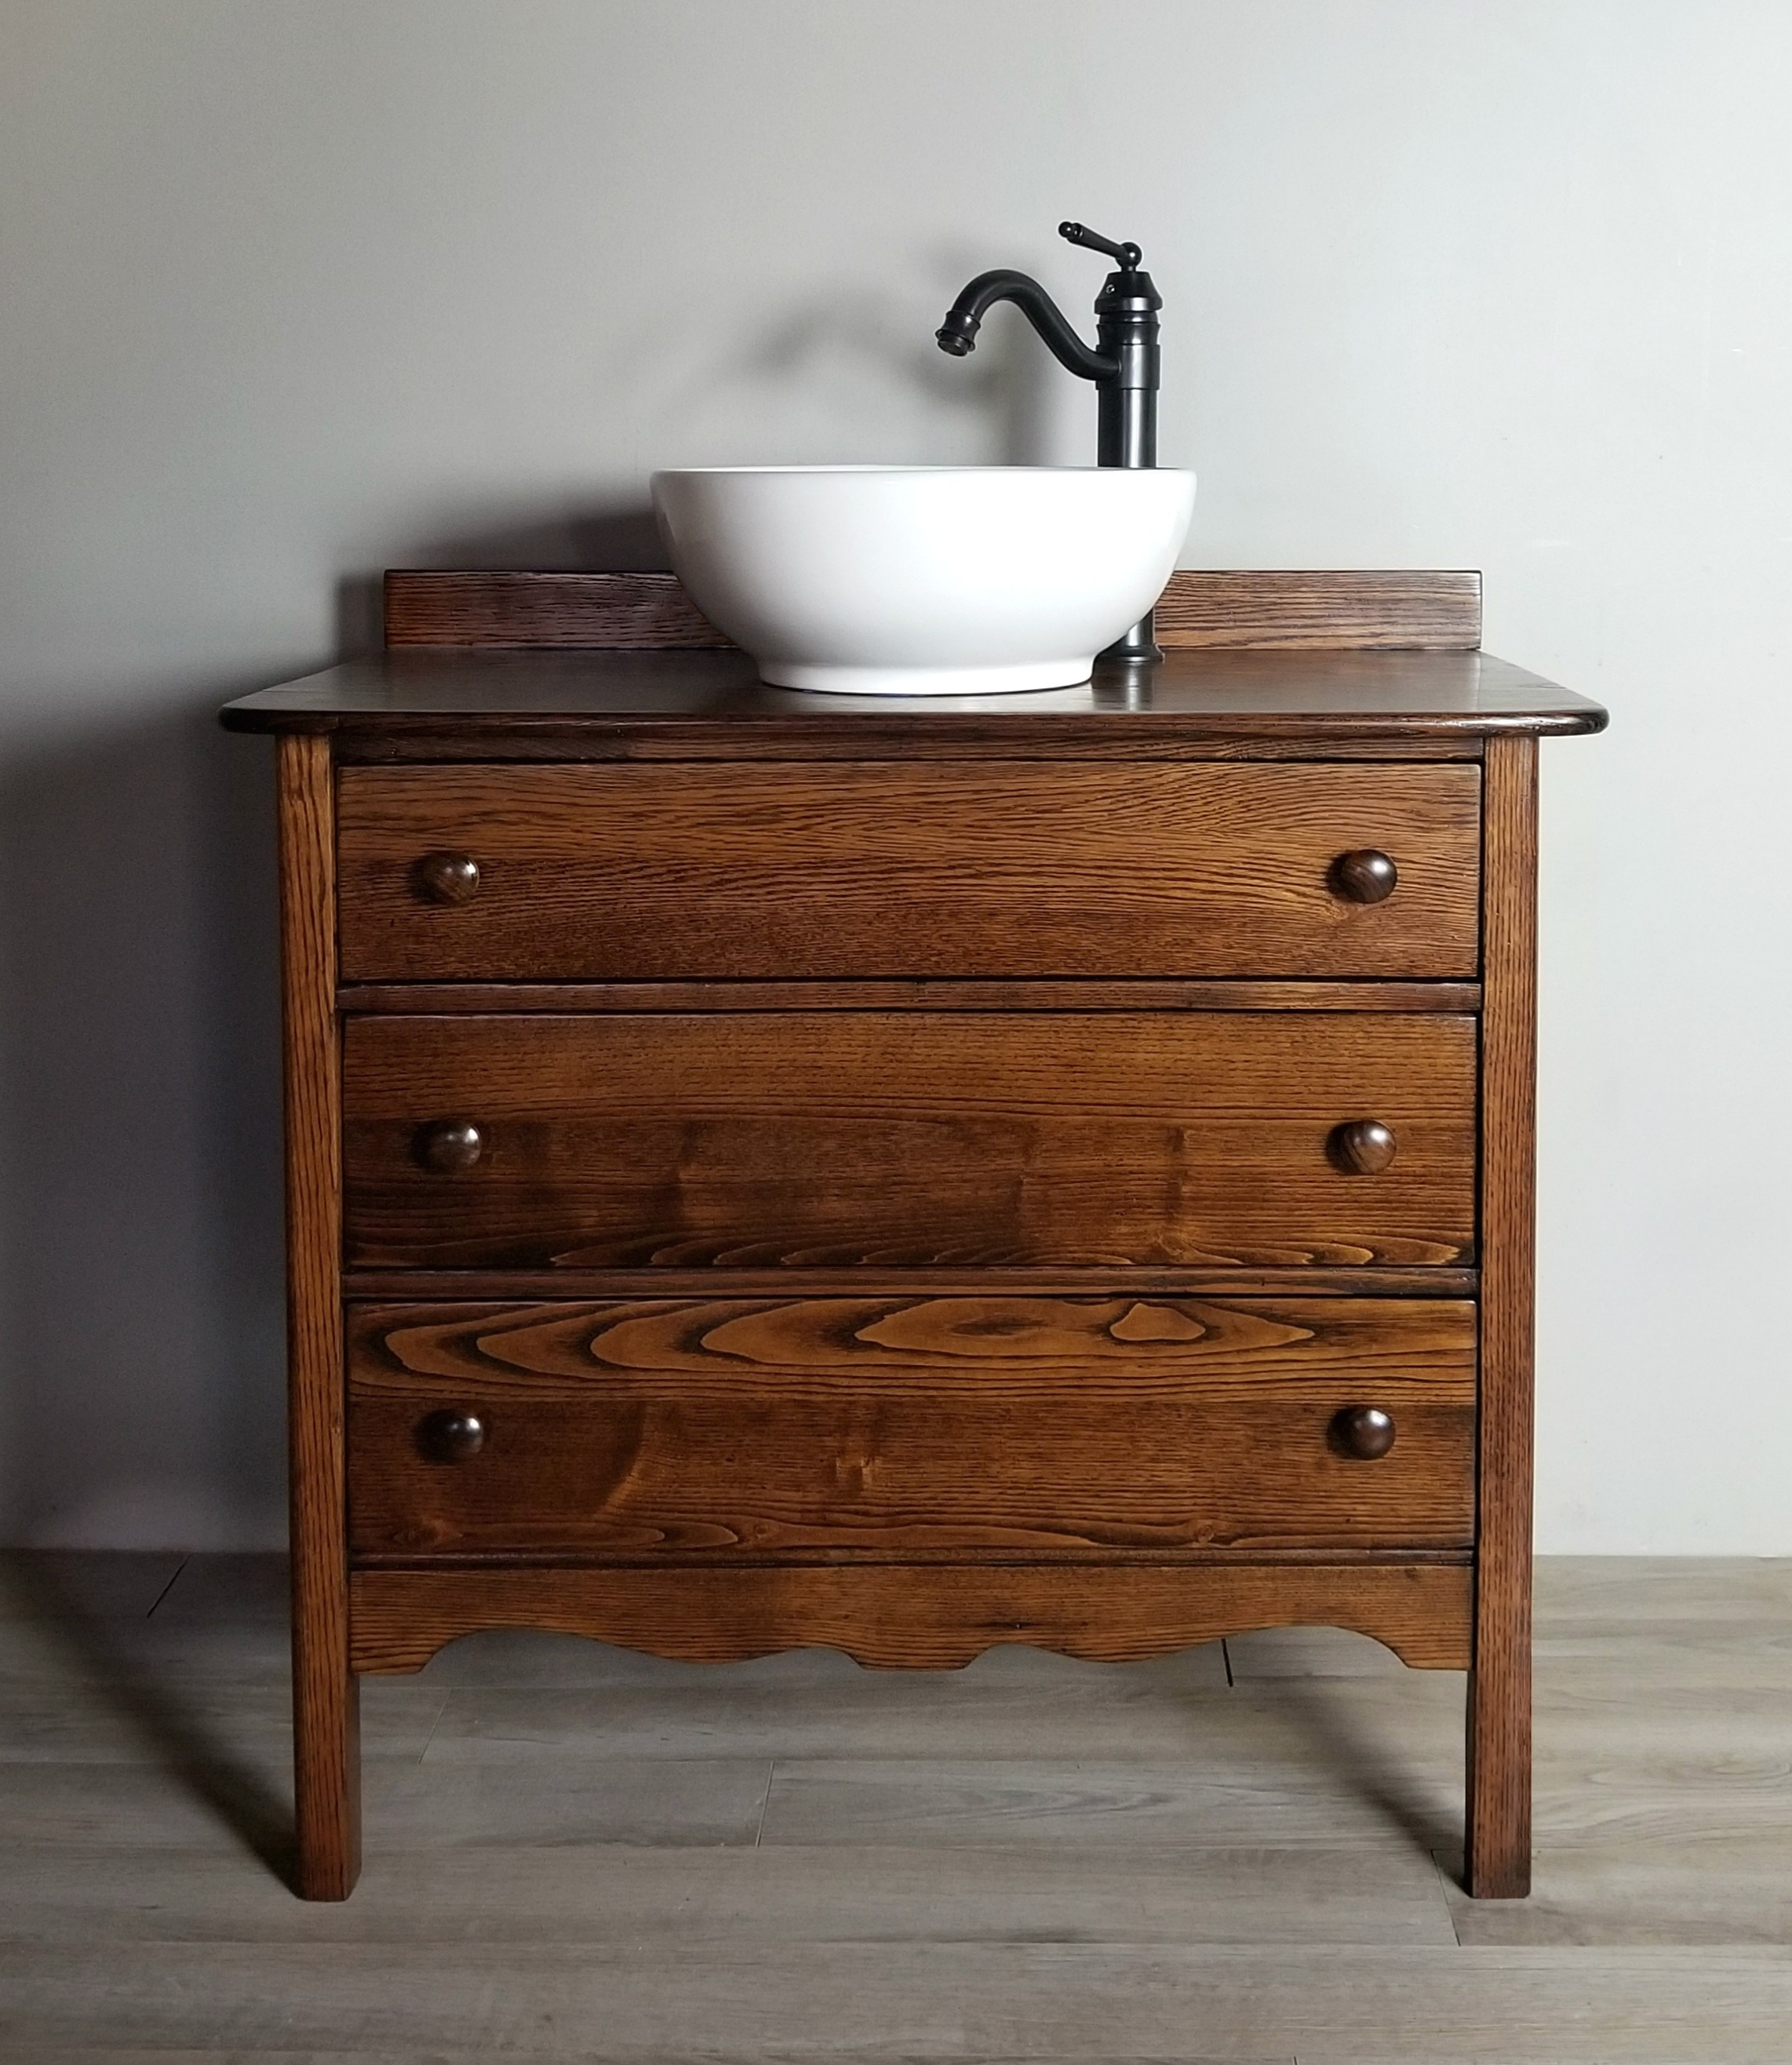 Antique Vessel Sink Vanity